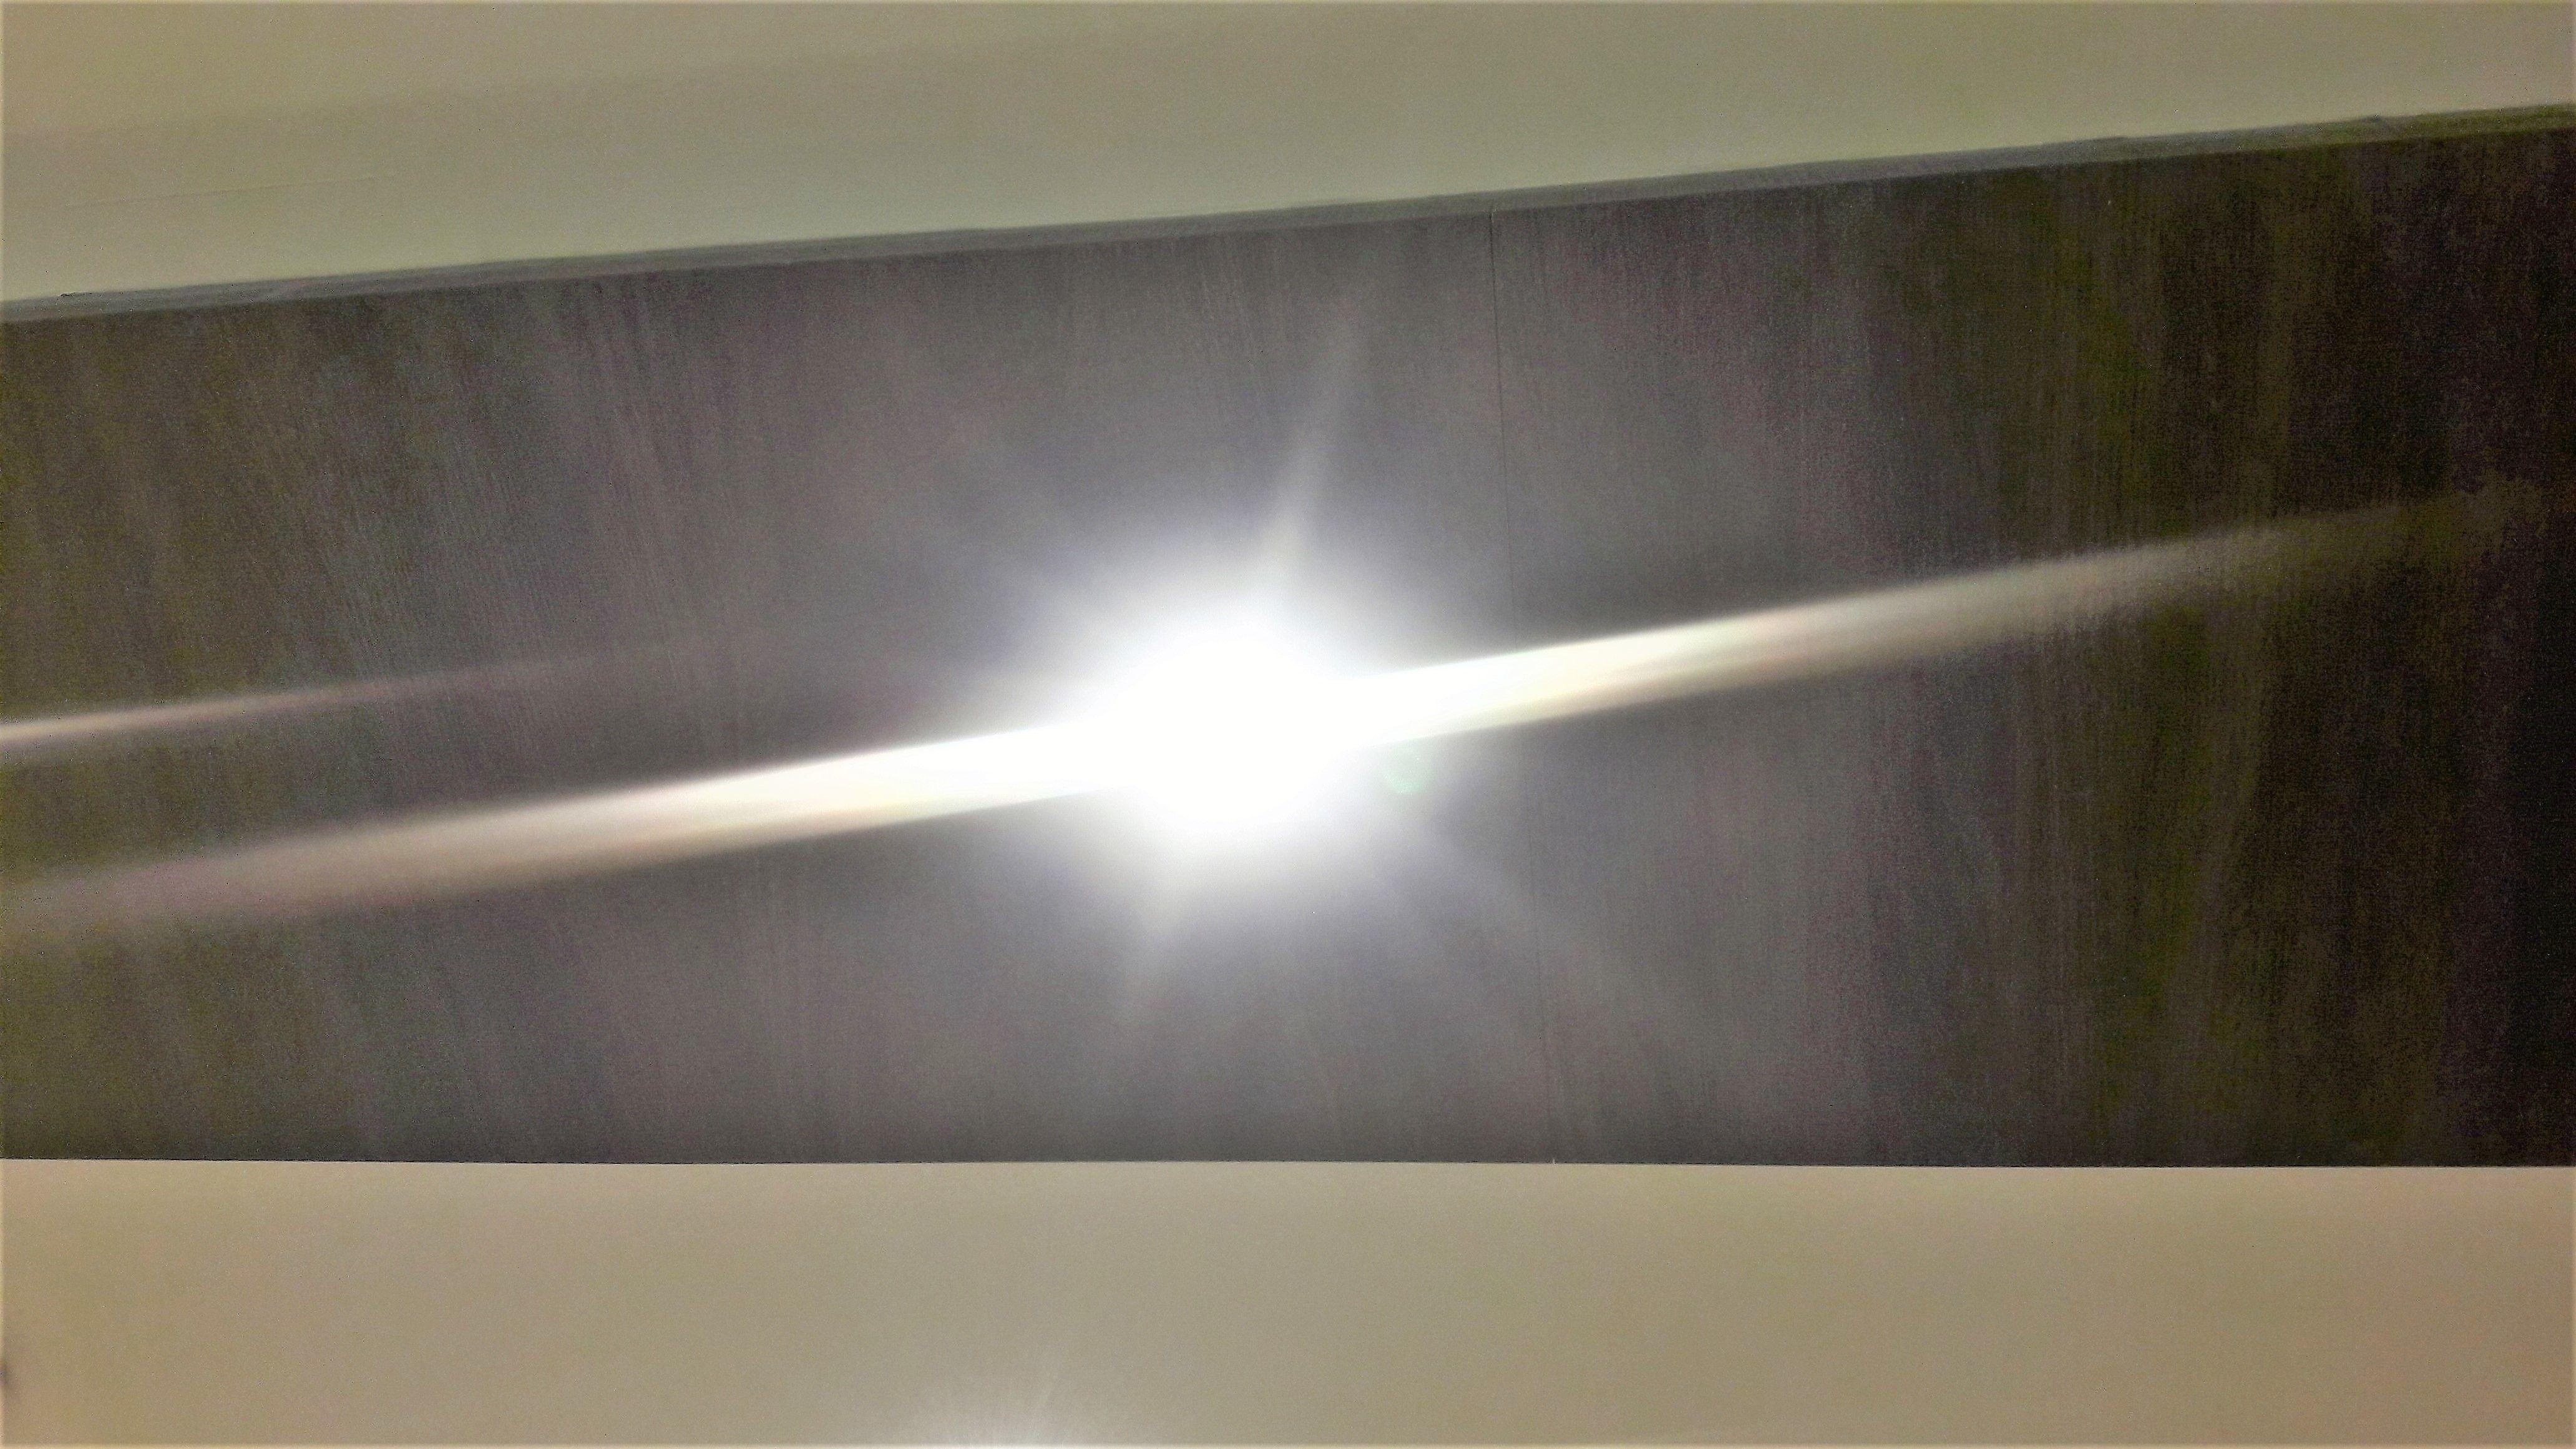 25. Recessed spotlight